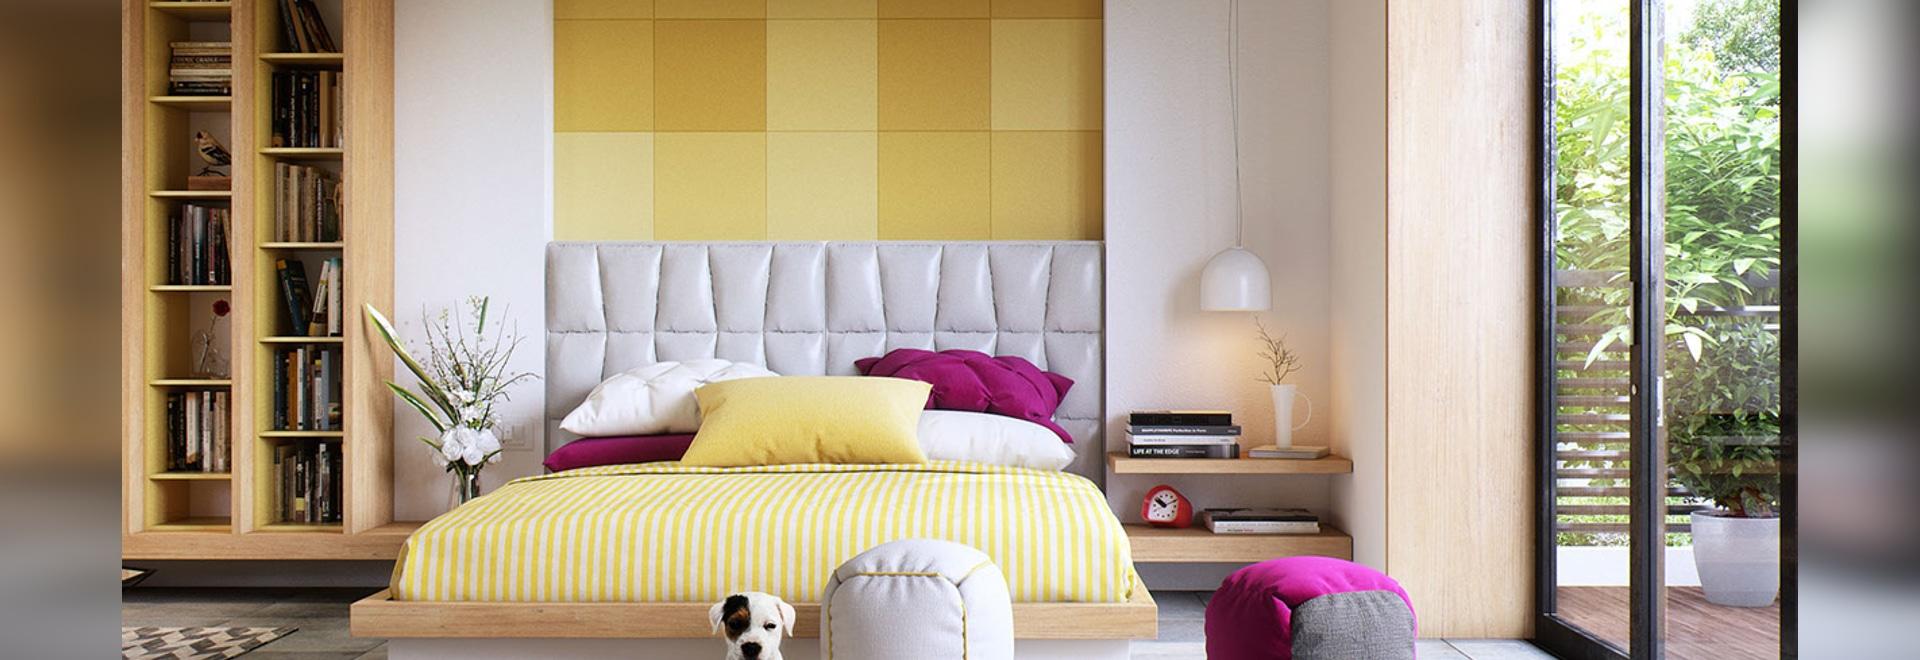 Pareti Camera Da Letto Idee : Idee colore pareti camera da letto ...